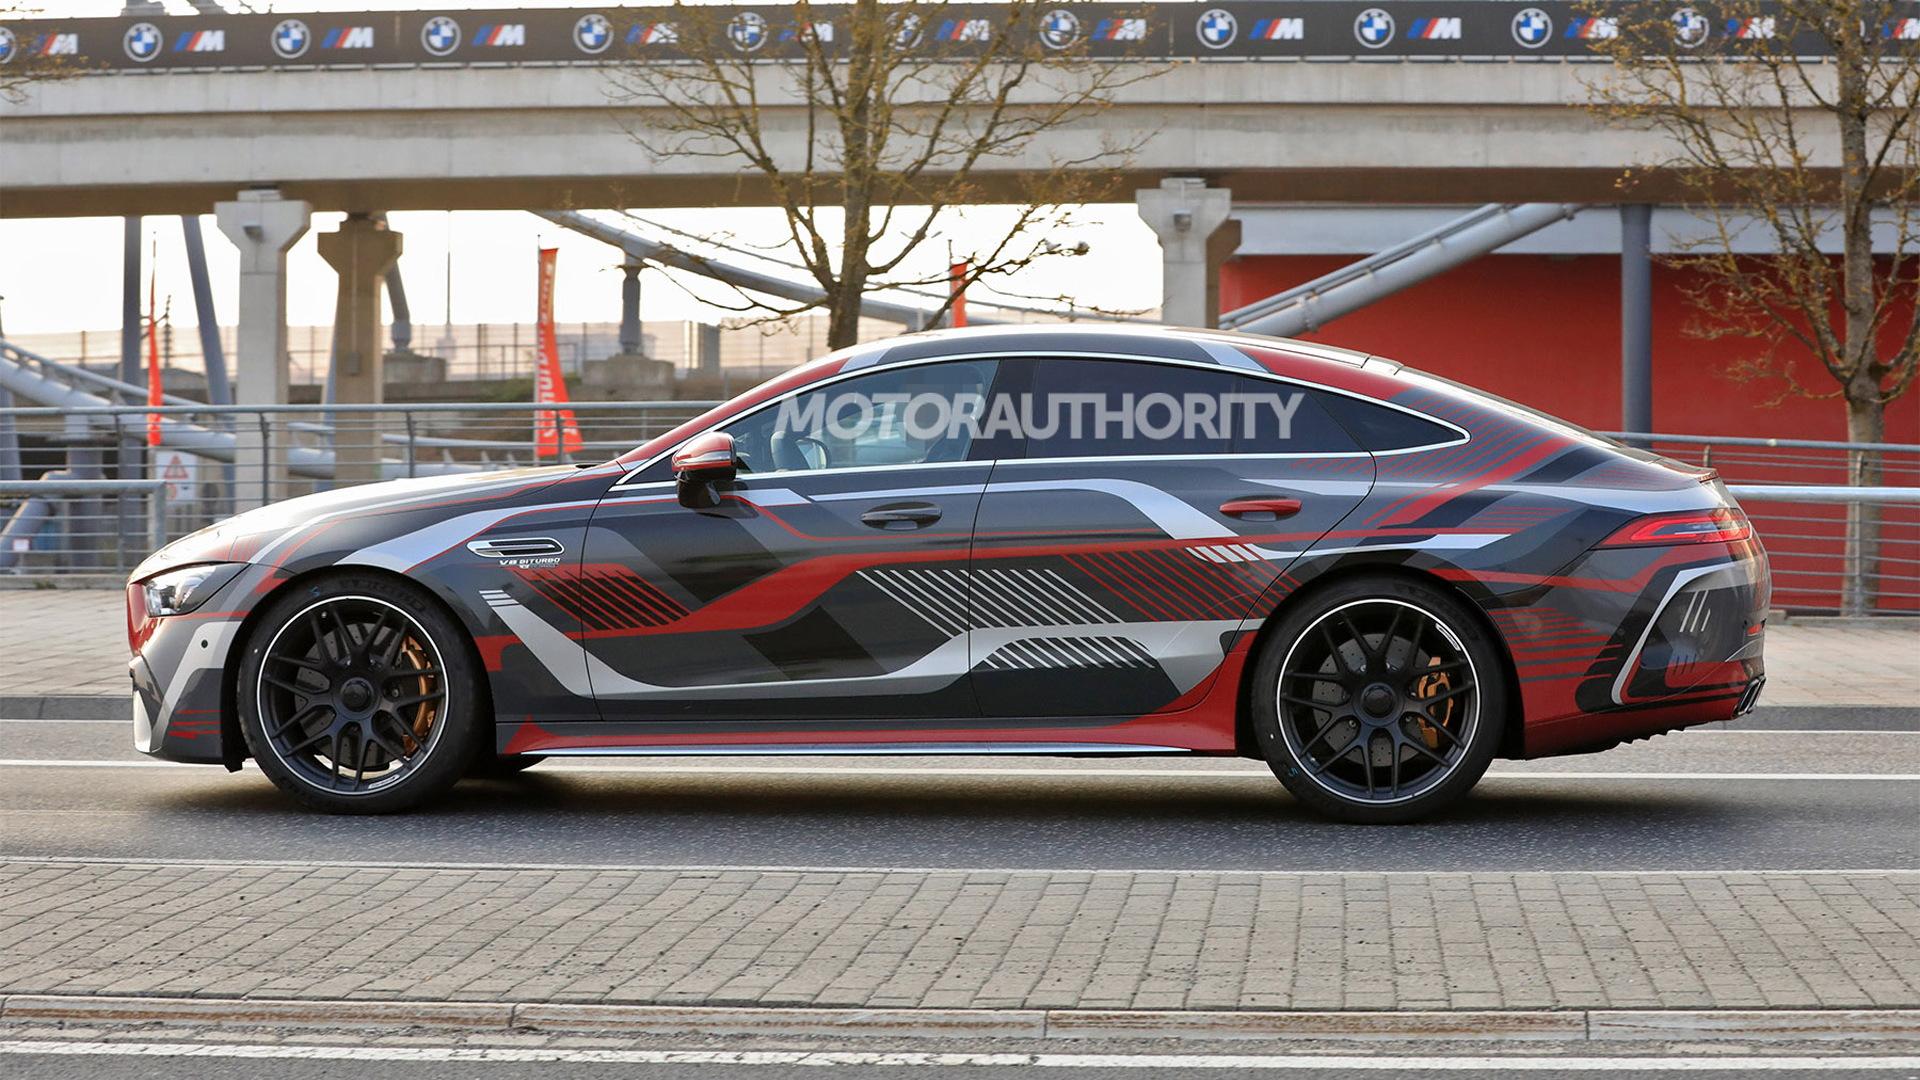 2022 Mercedes-Benz AMG GT 73e 4-Door Coupe spy shots - Photo credit: S. Baldauf/SB-Medien